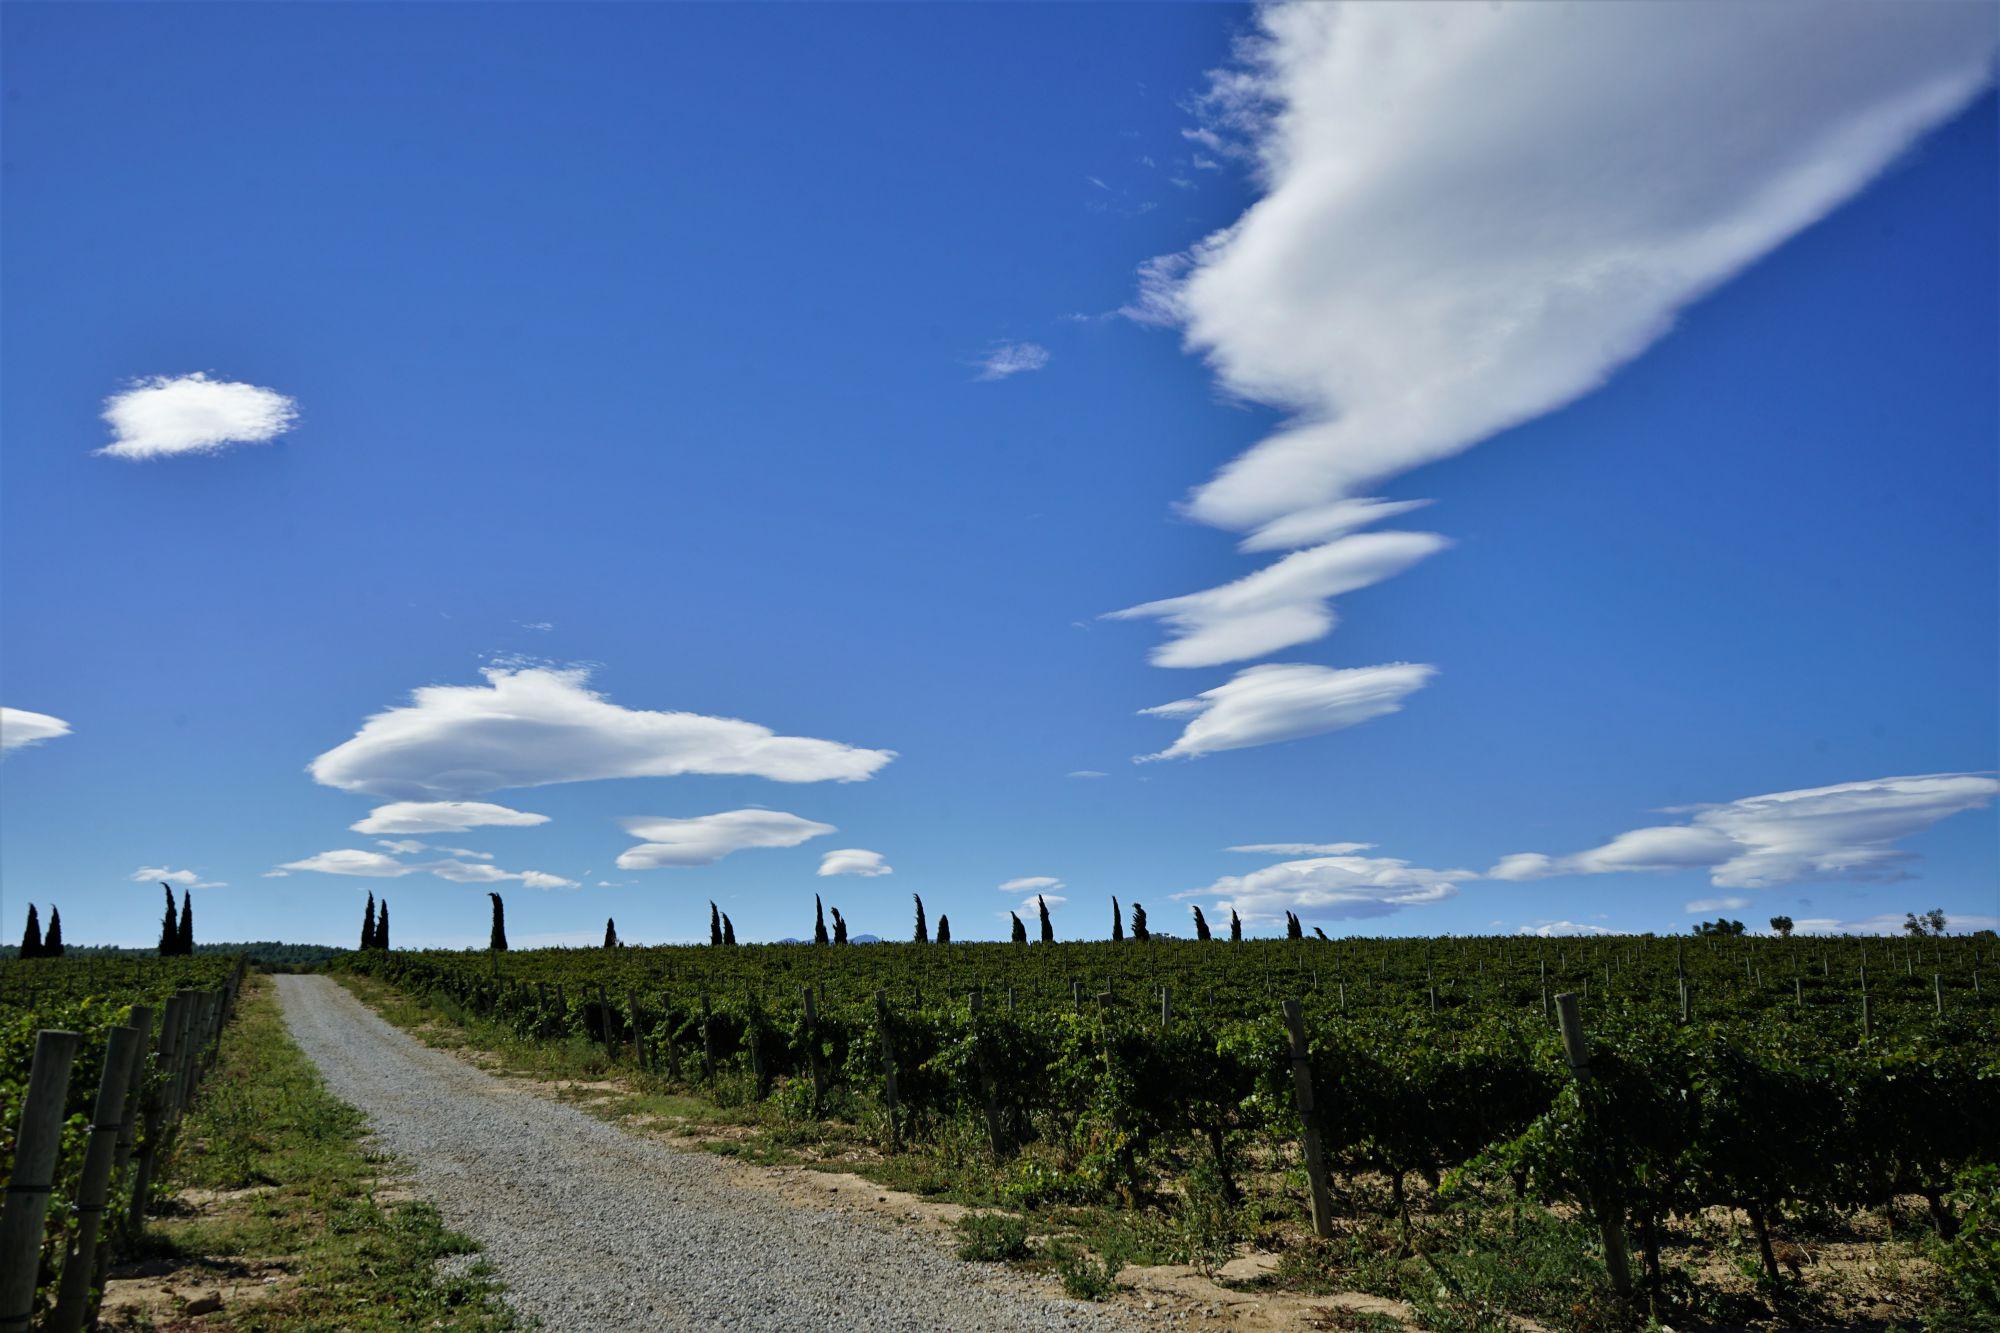 Rodeados de viñedos y de 'cellers' comenzamos la primera de las rutas.